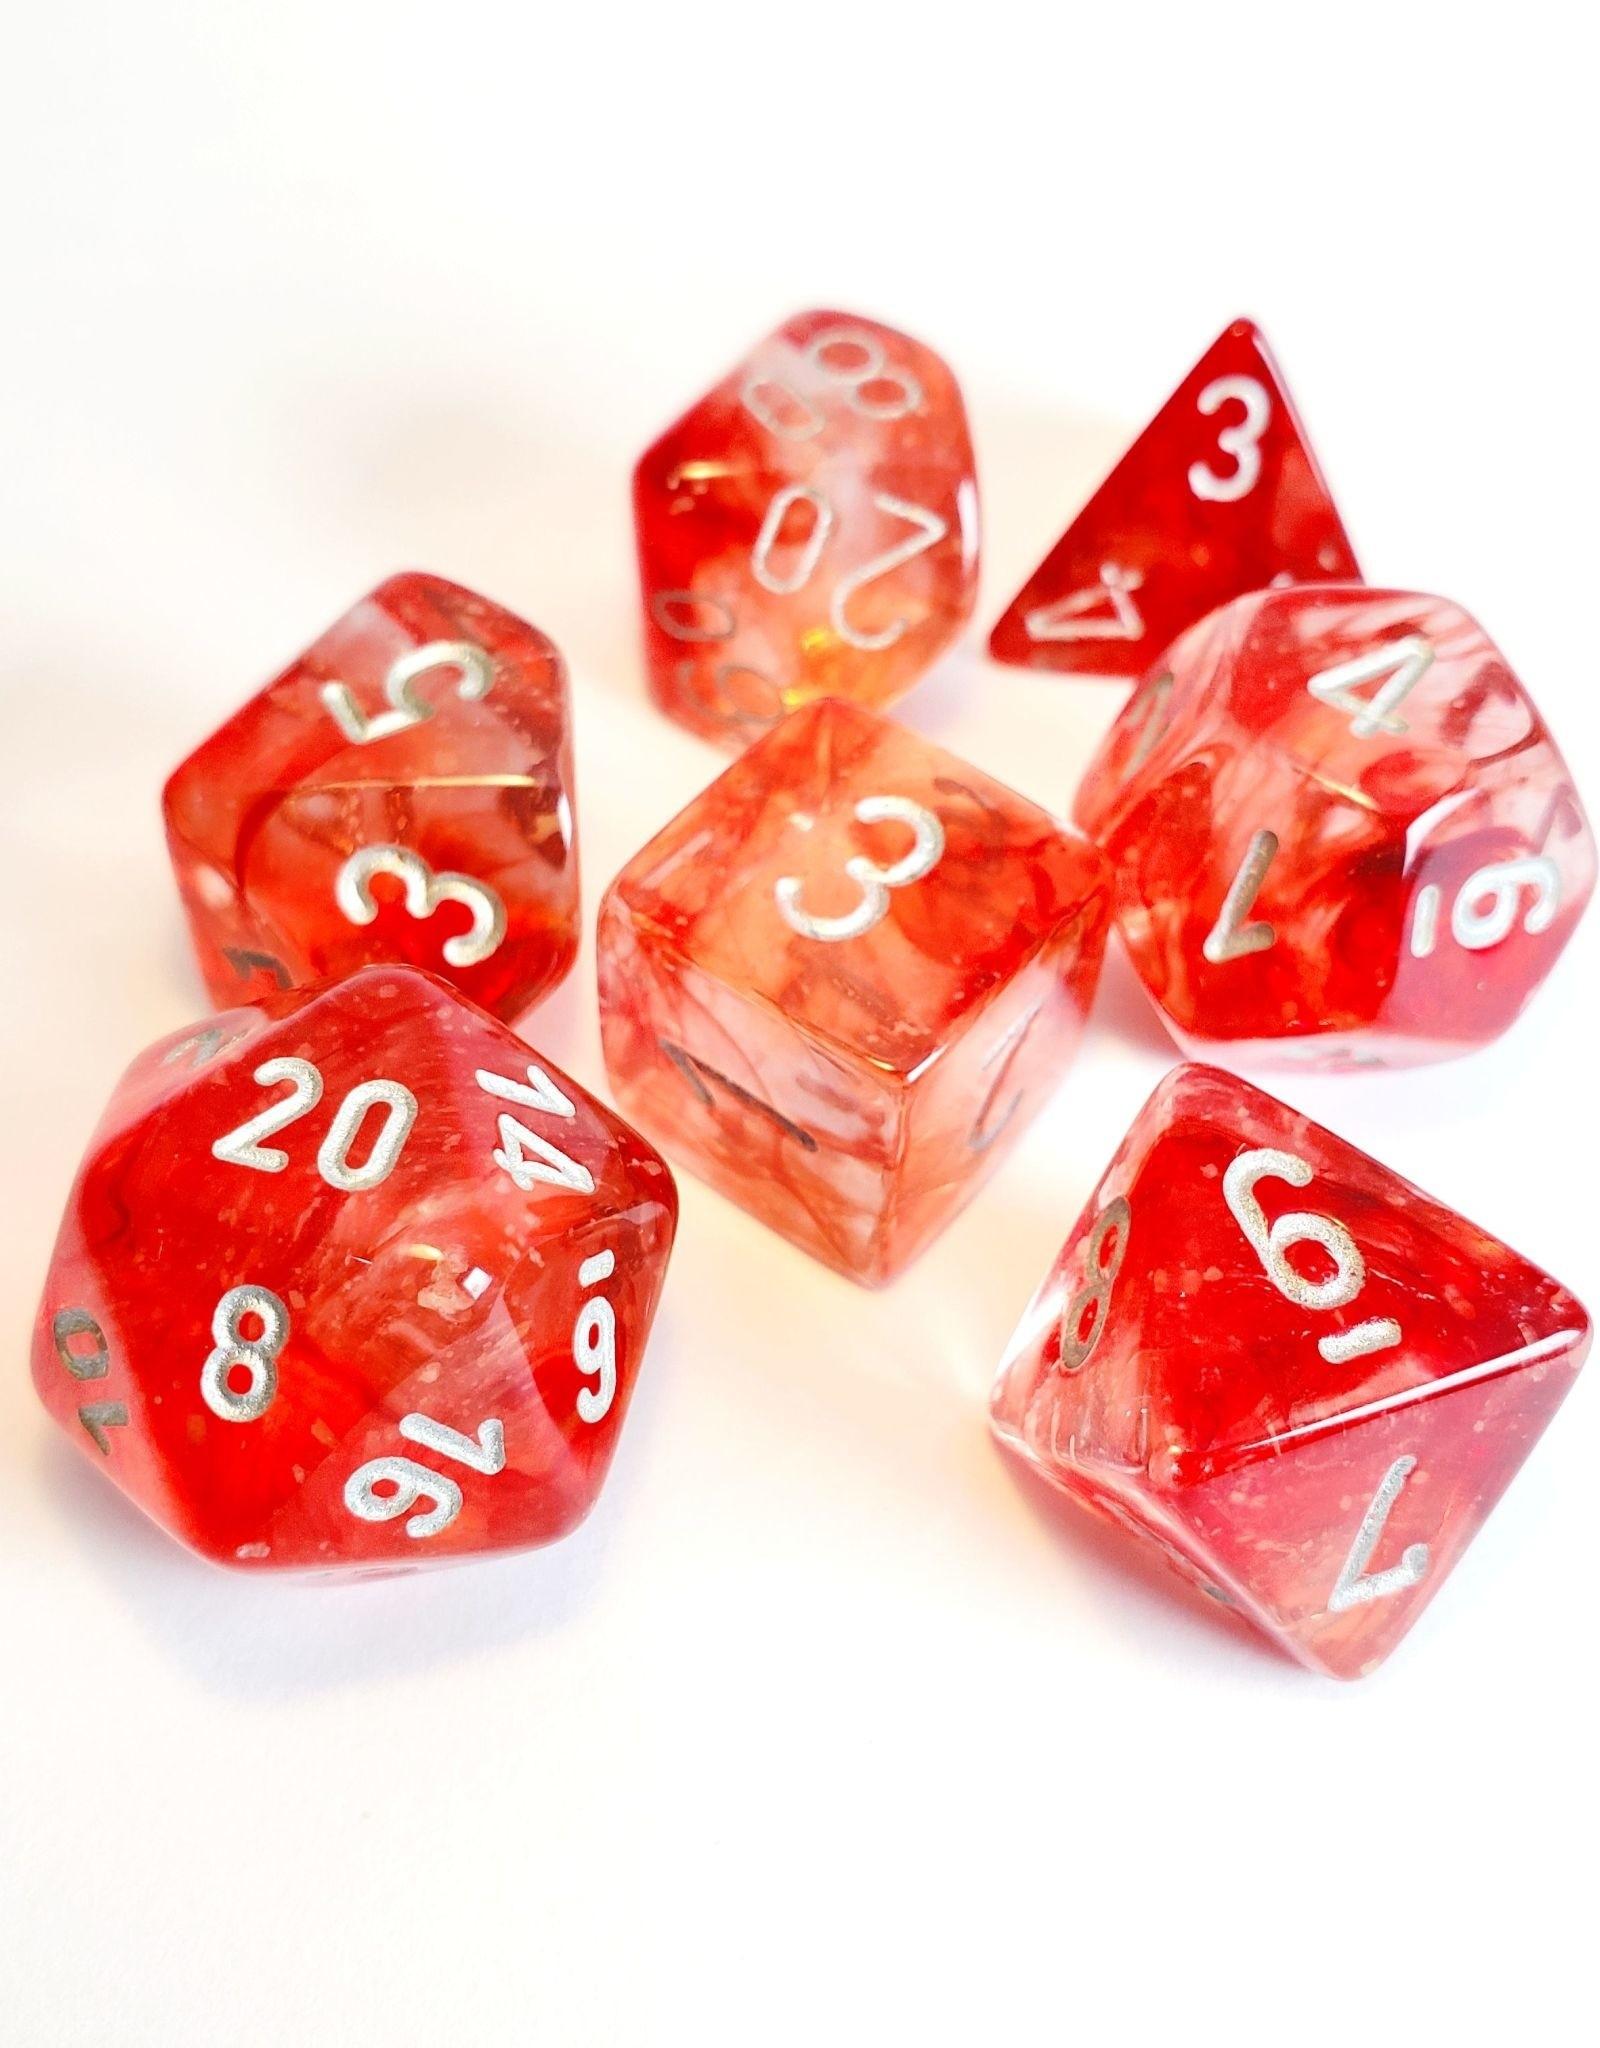 Chessex Chessex 7-Die set Nebula Luminary - Red/Silver